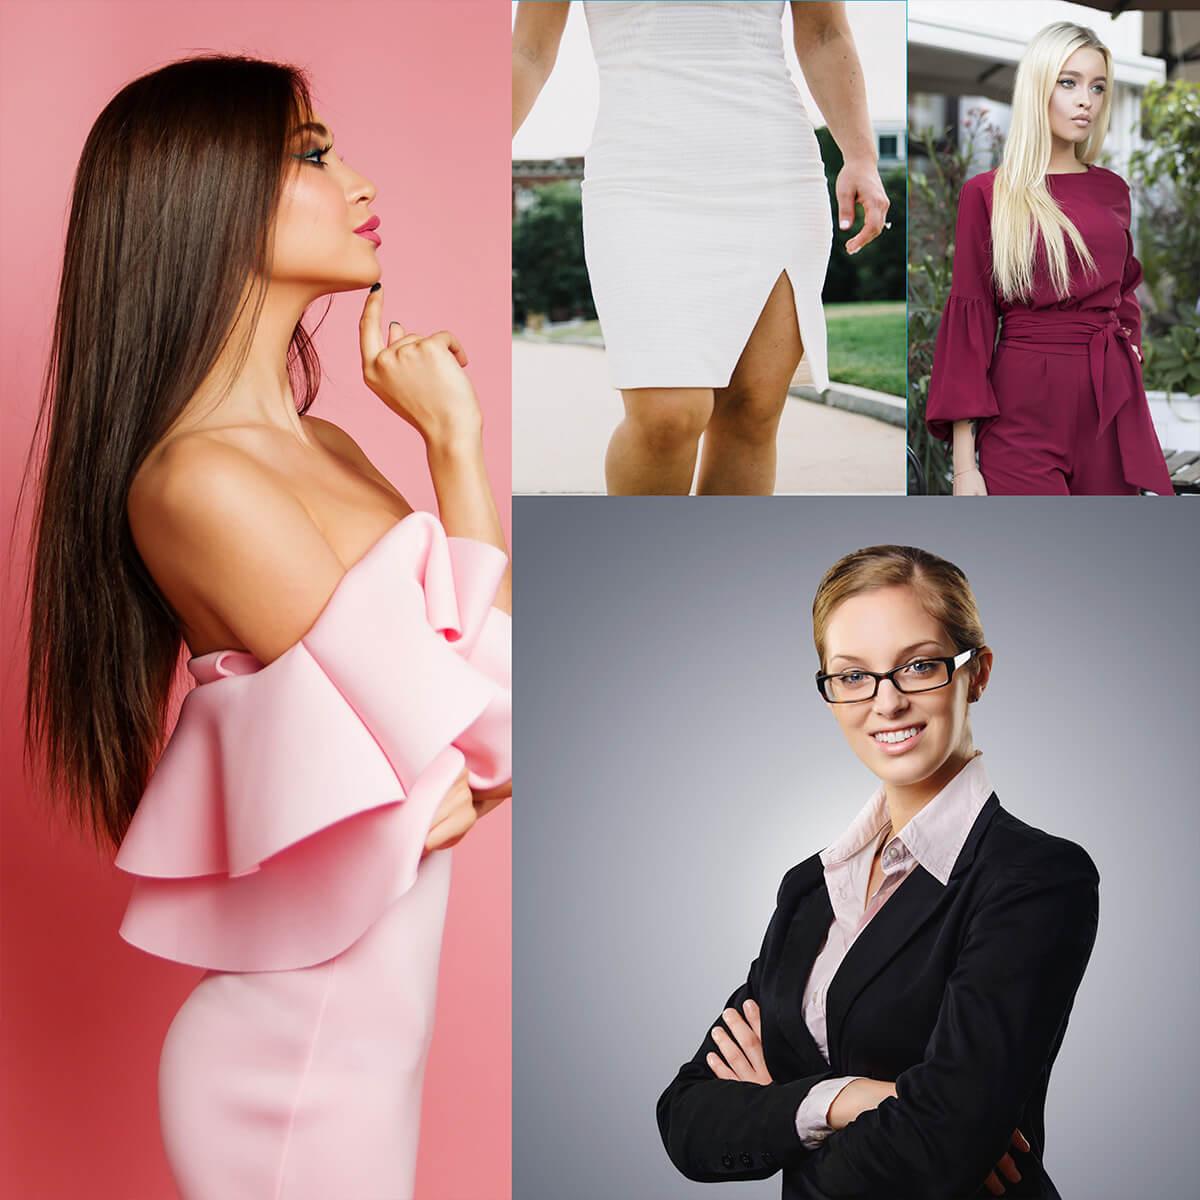 body wrap shapewear damen - bauchweg unterhose damen (s-xxl) figurformende  unterwäsche miederhose bauch weg - nahtlose figurformung